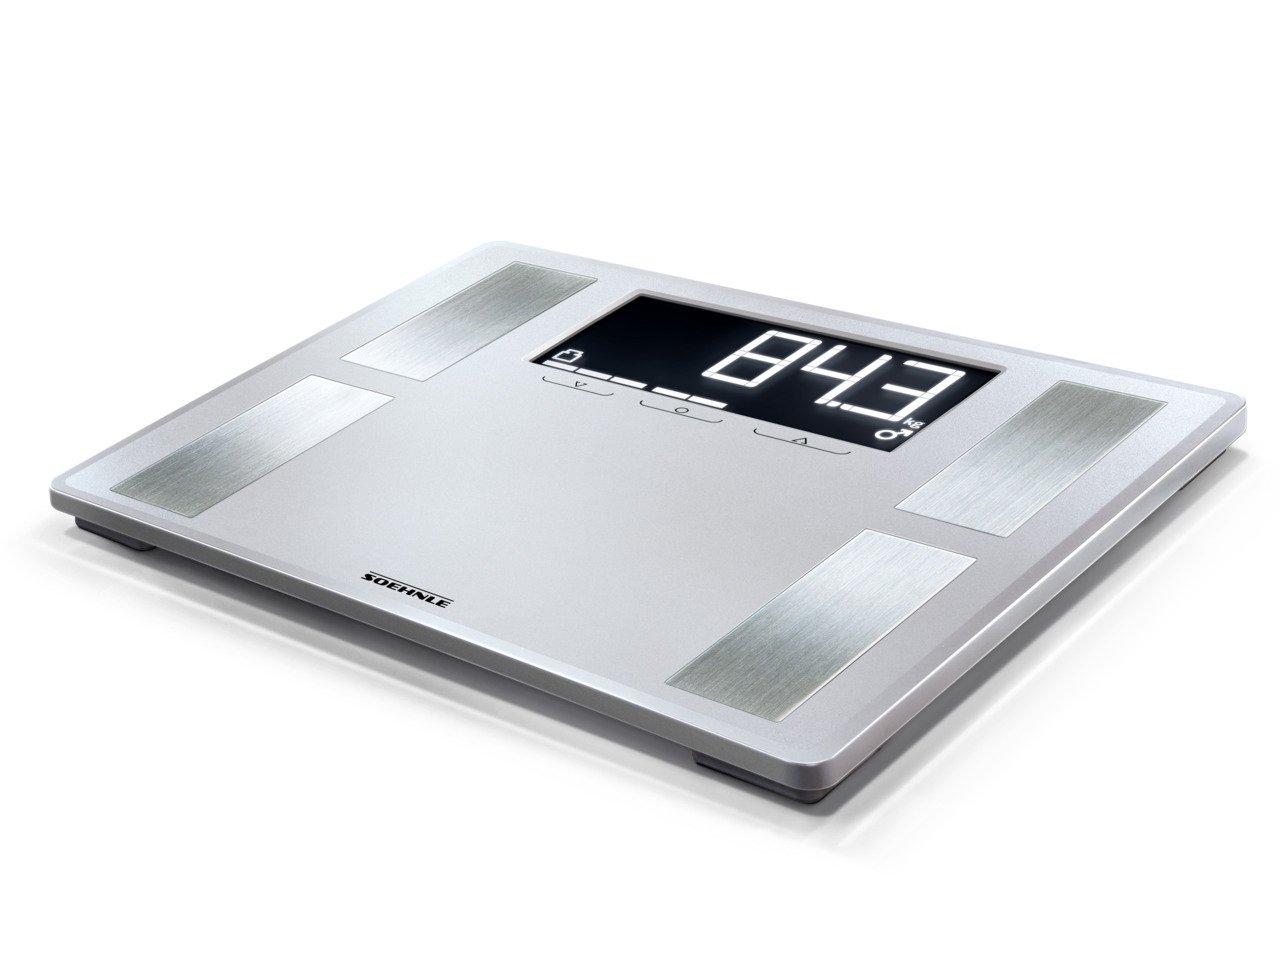 Soehnle Shape Sense Profi 200 - Bascula de analisis corporal, color plata: Amazon.es: Salud y cuidado personal